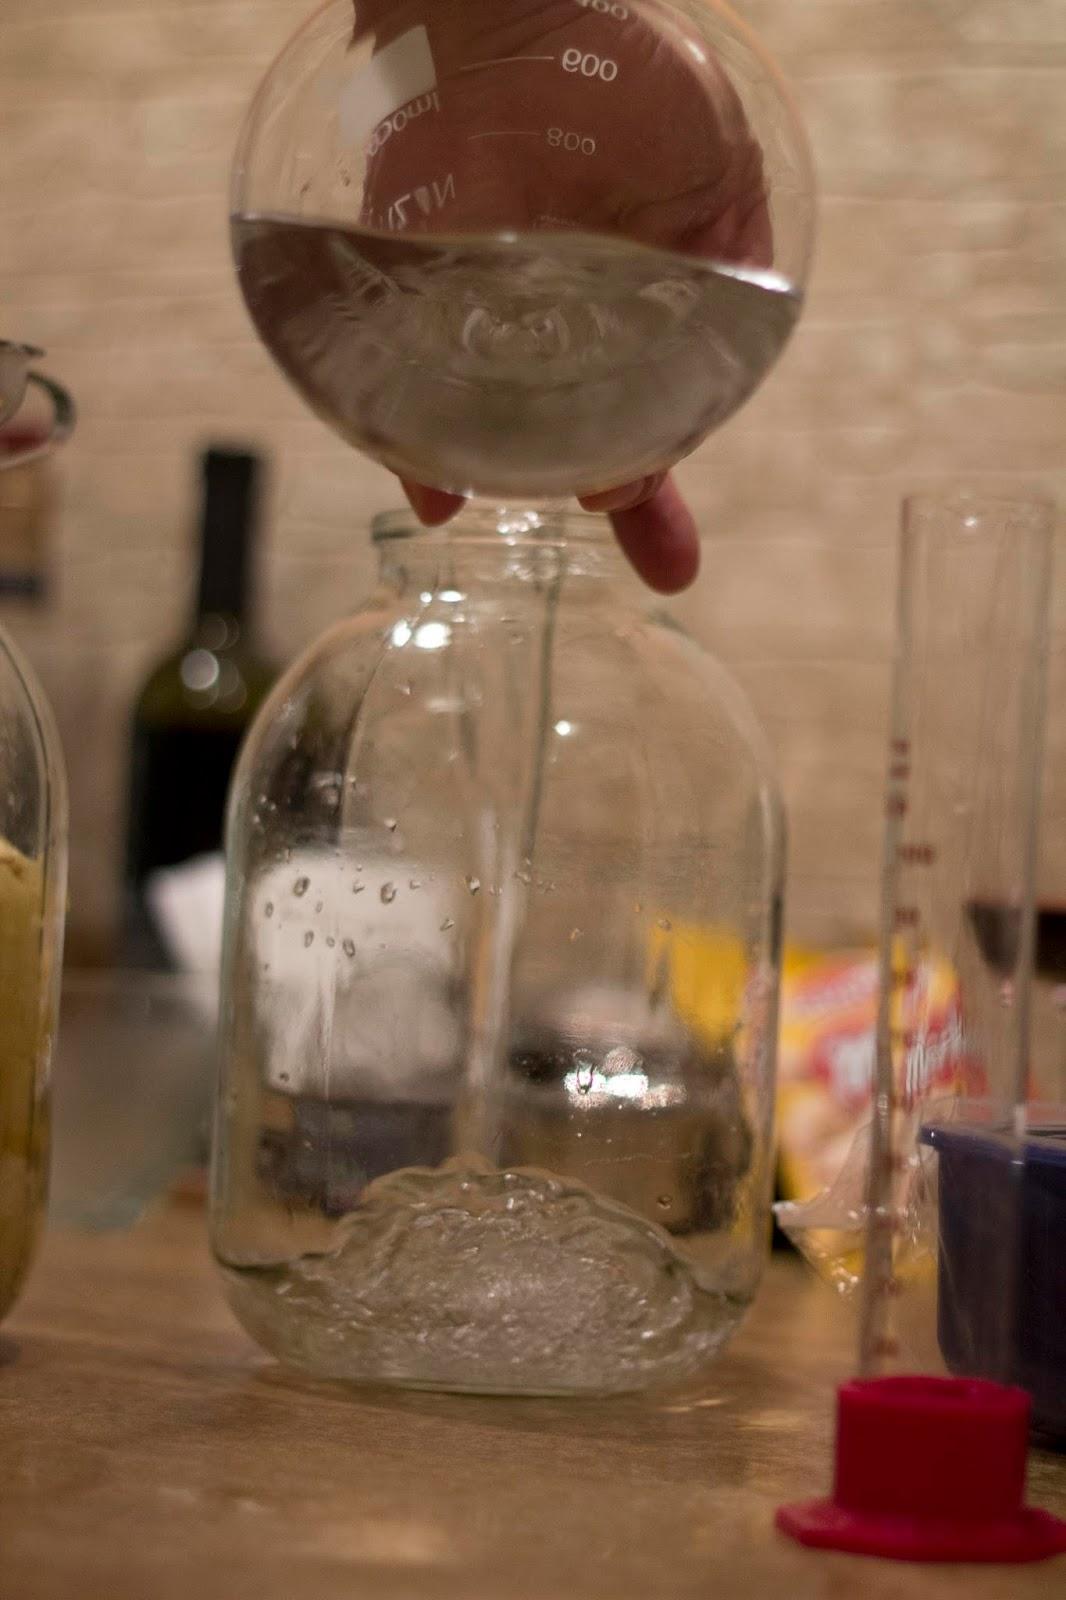 Домашнее производство спирта. Процесс приготовления спирта, рецепт в 40